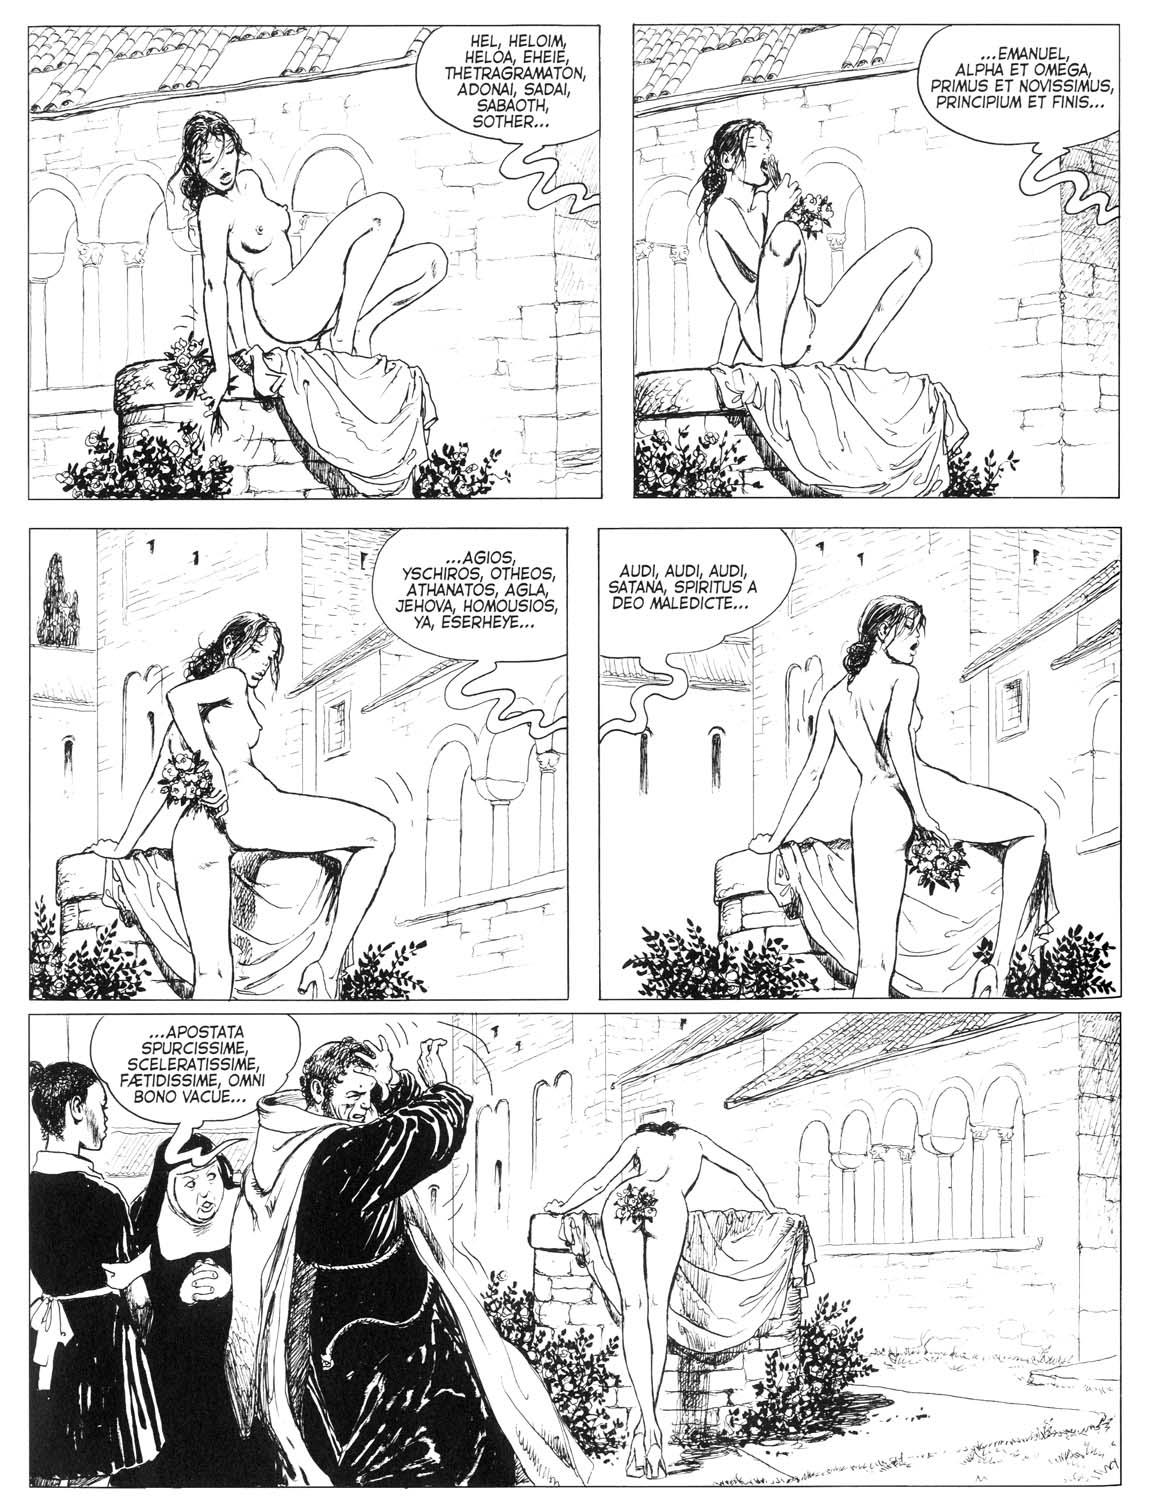 kamasutra pdf français massage intime erotique